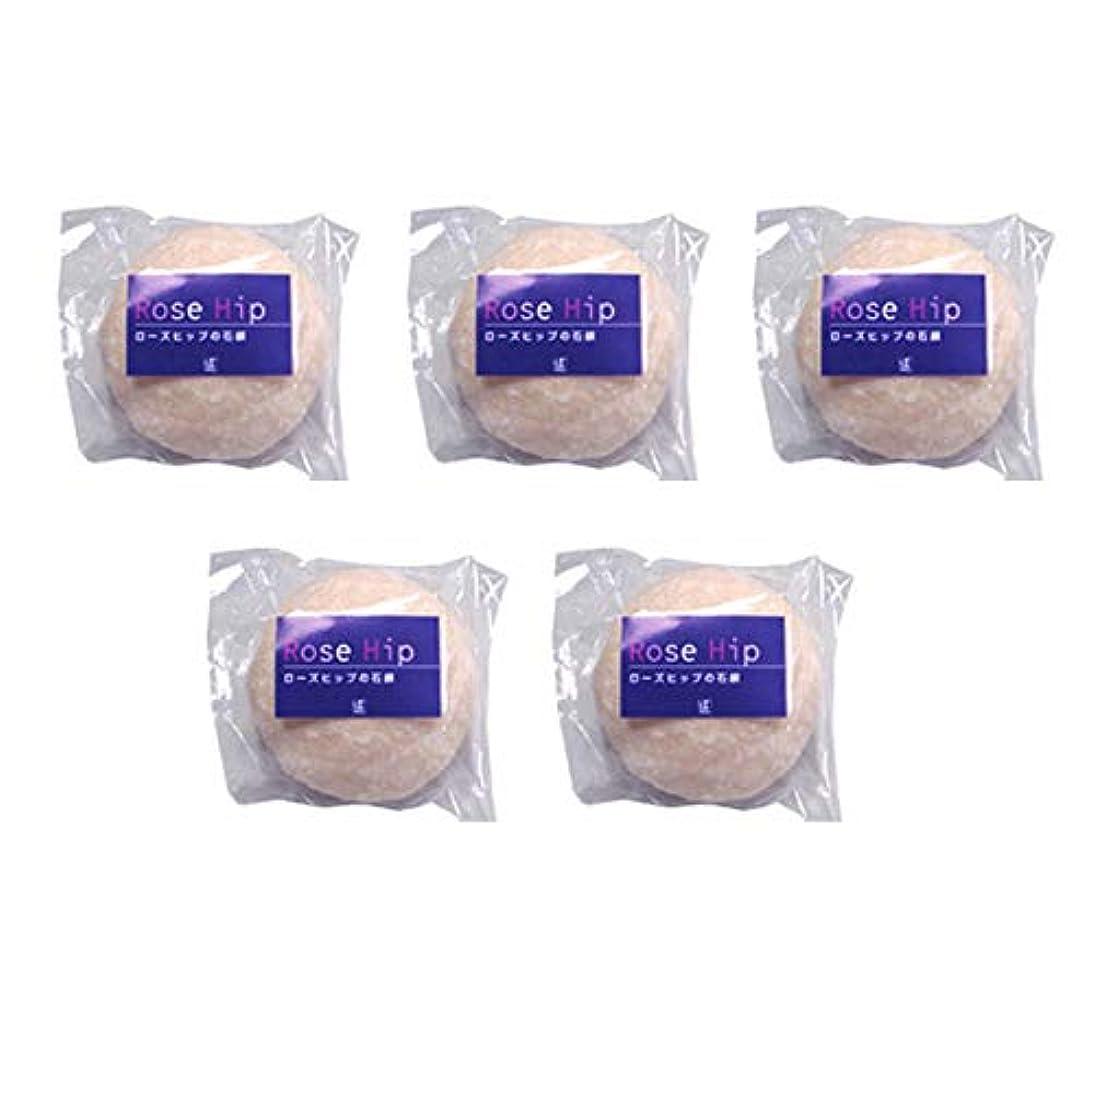 グロープランテーション可動山澤清ローズヒップ石鹸5個セット(70g×5個) ローズヒップ無添加洗顔石鹸